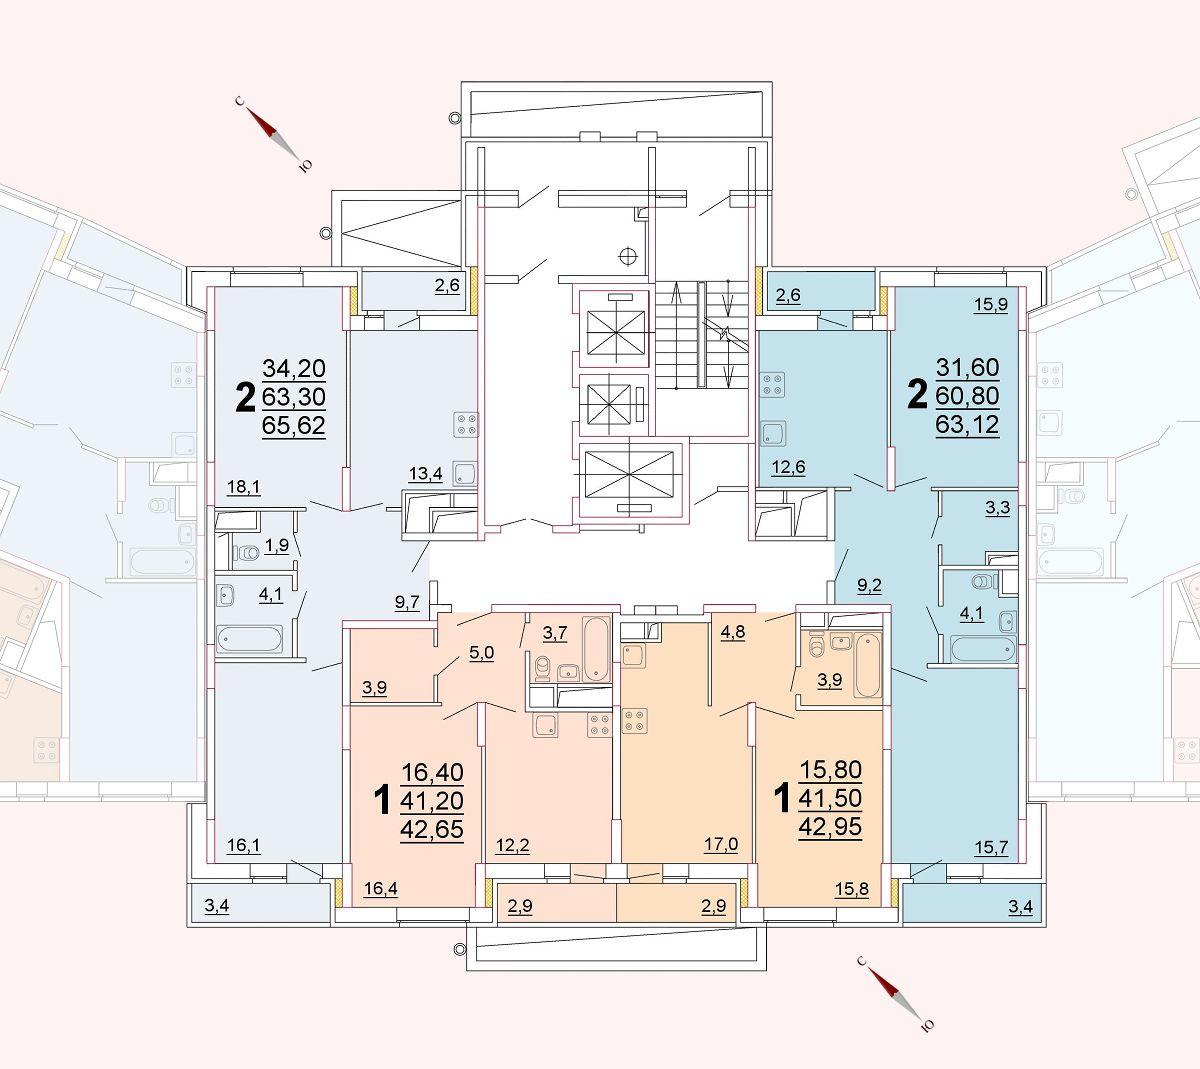 Микрорайон «Центральный», корпус 52г, секция 2, этаж/этажи 2